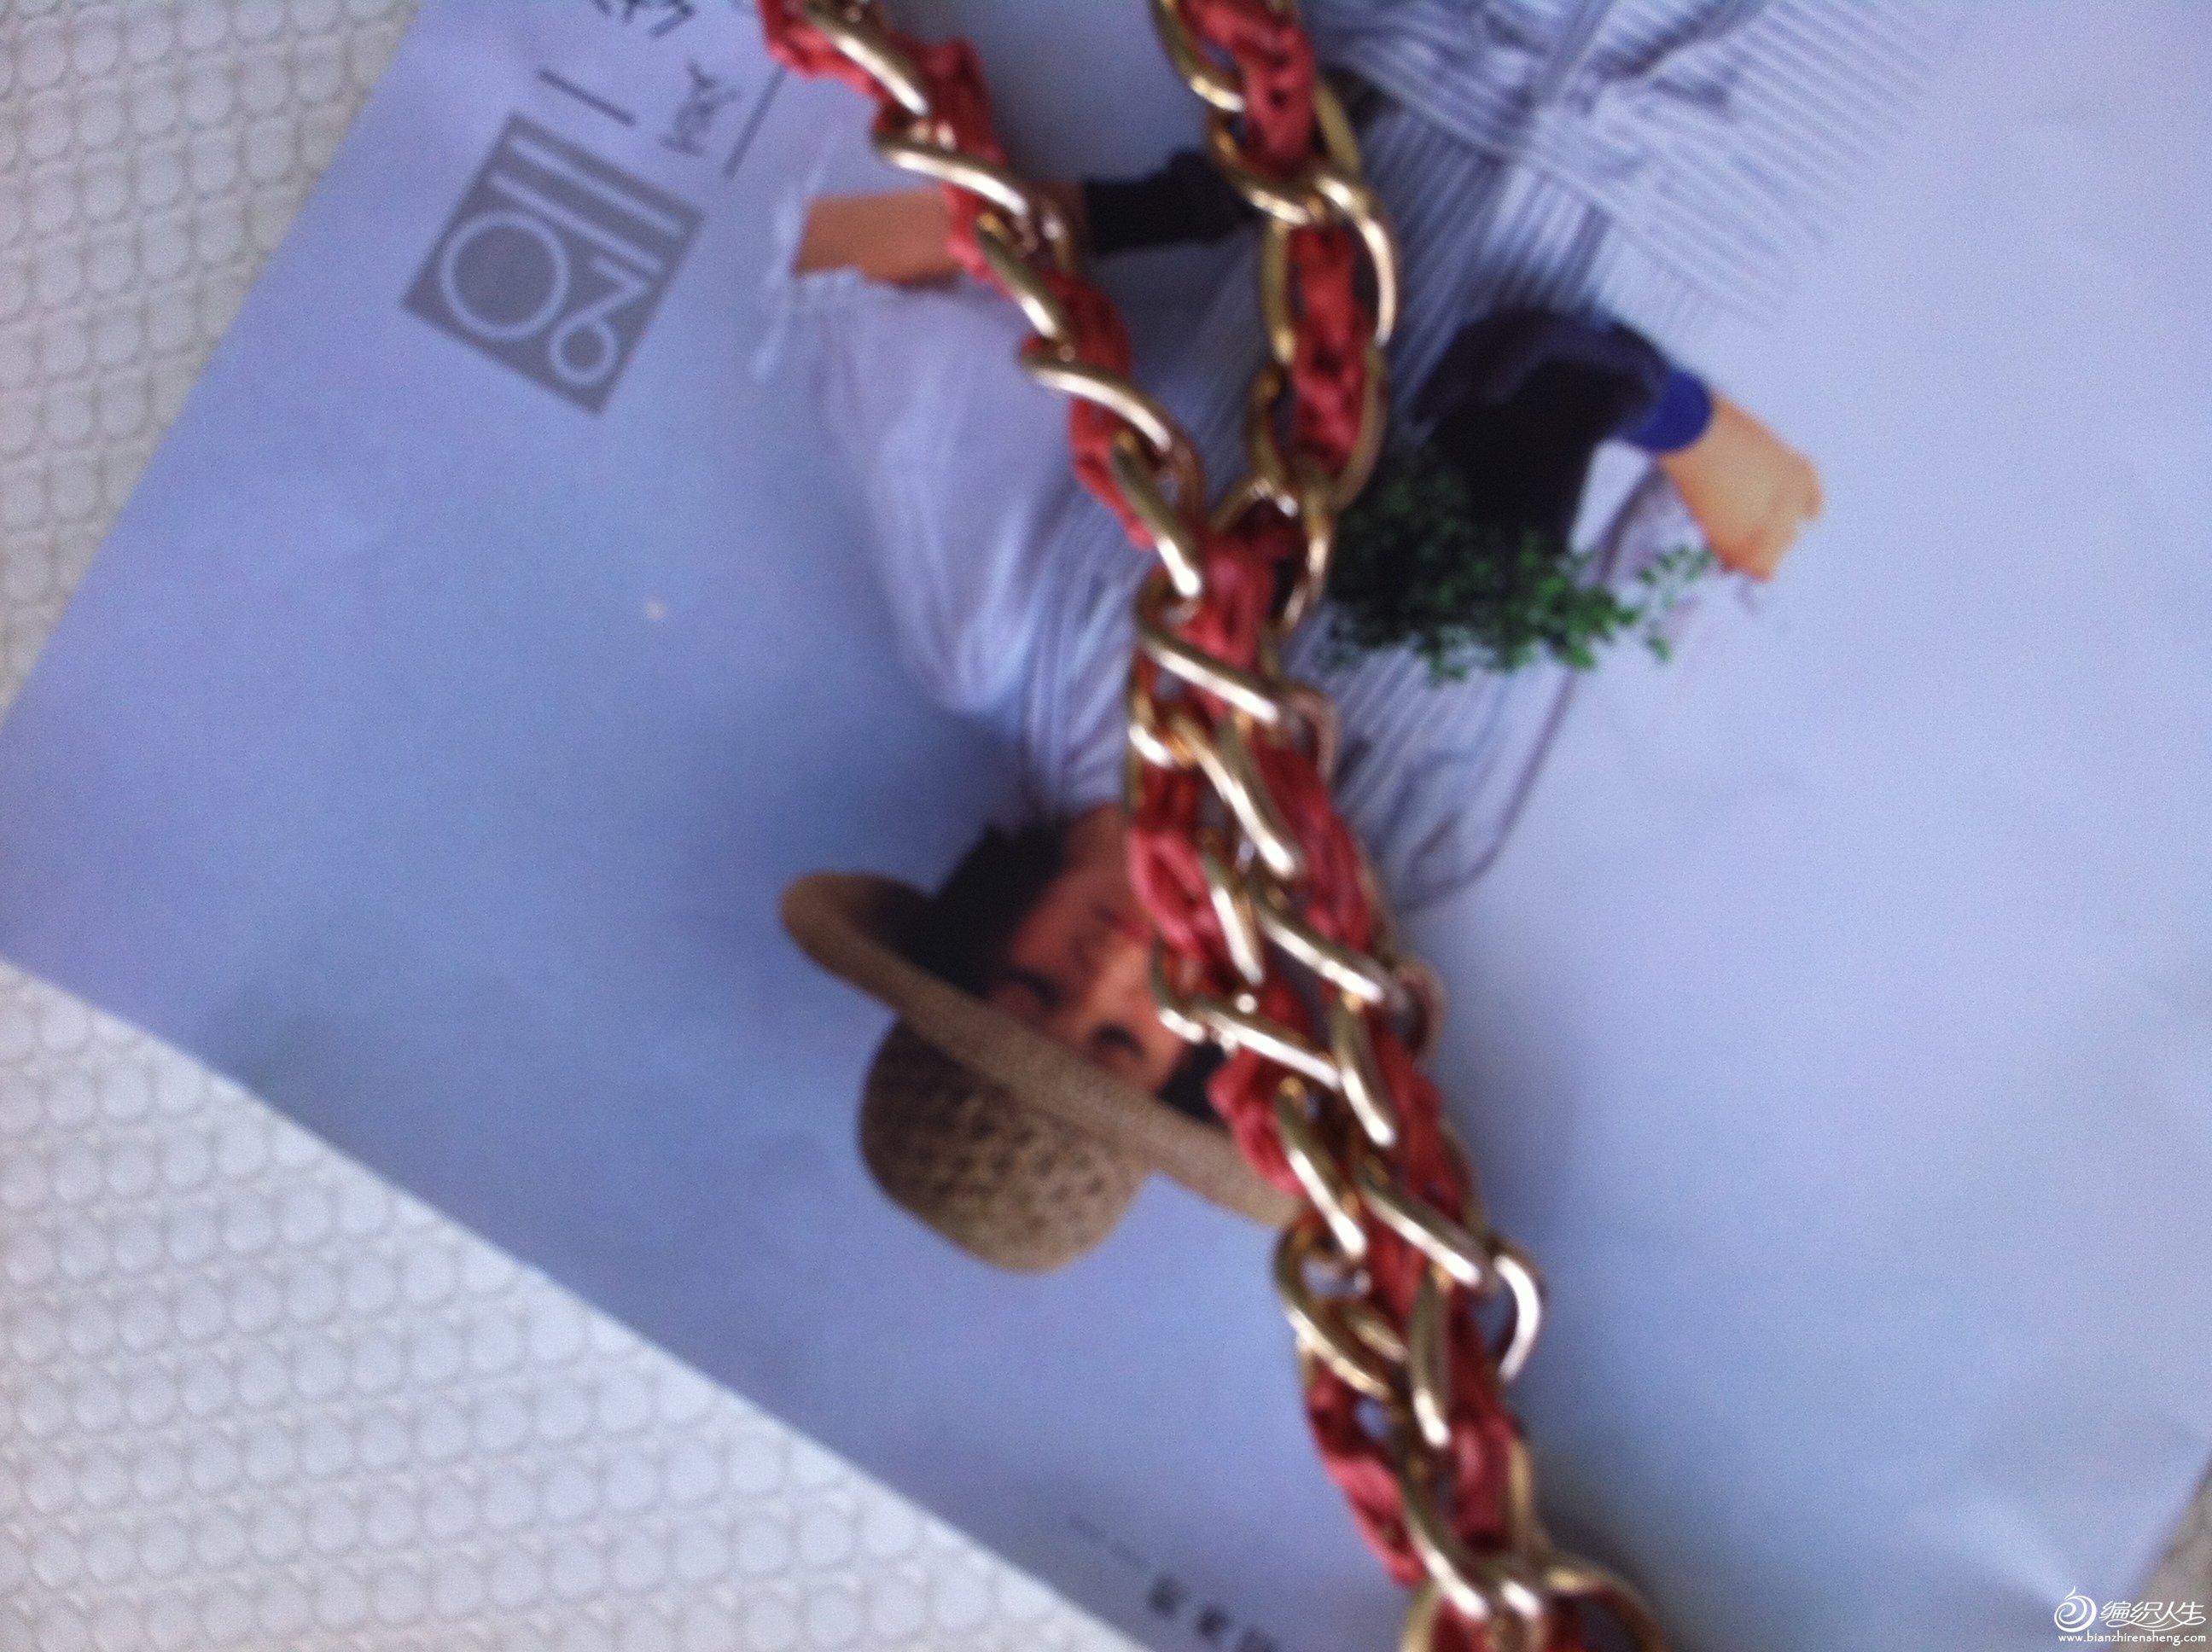 勾了一根辫子然后穿到链条里去的